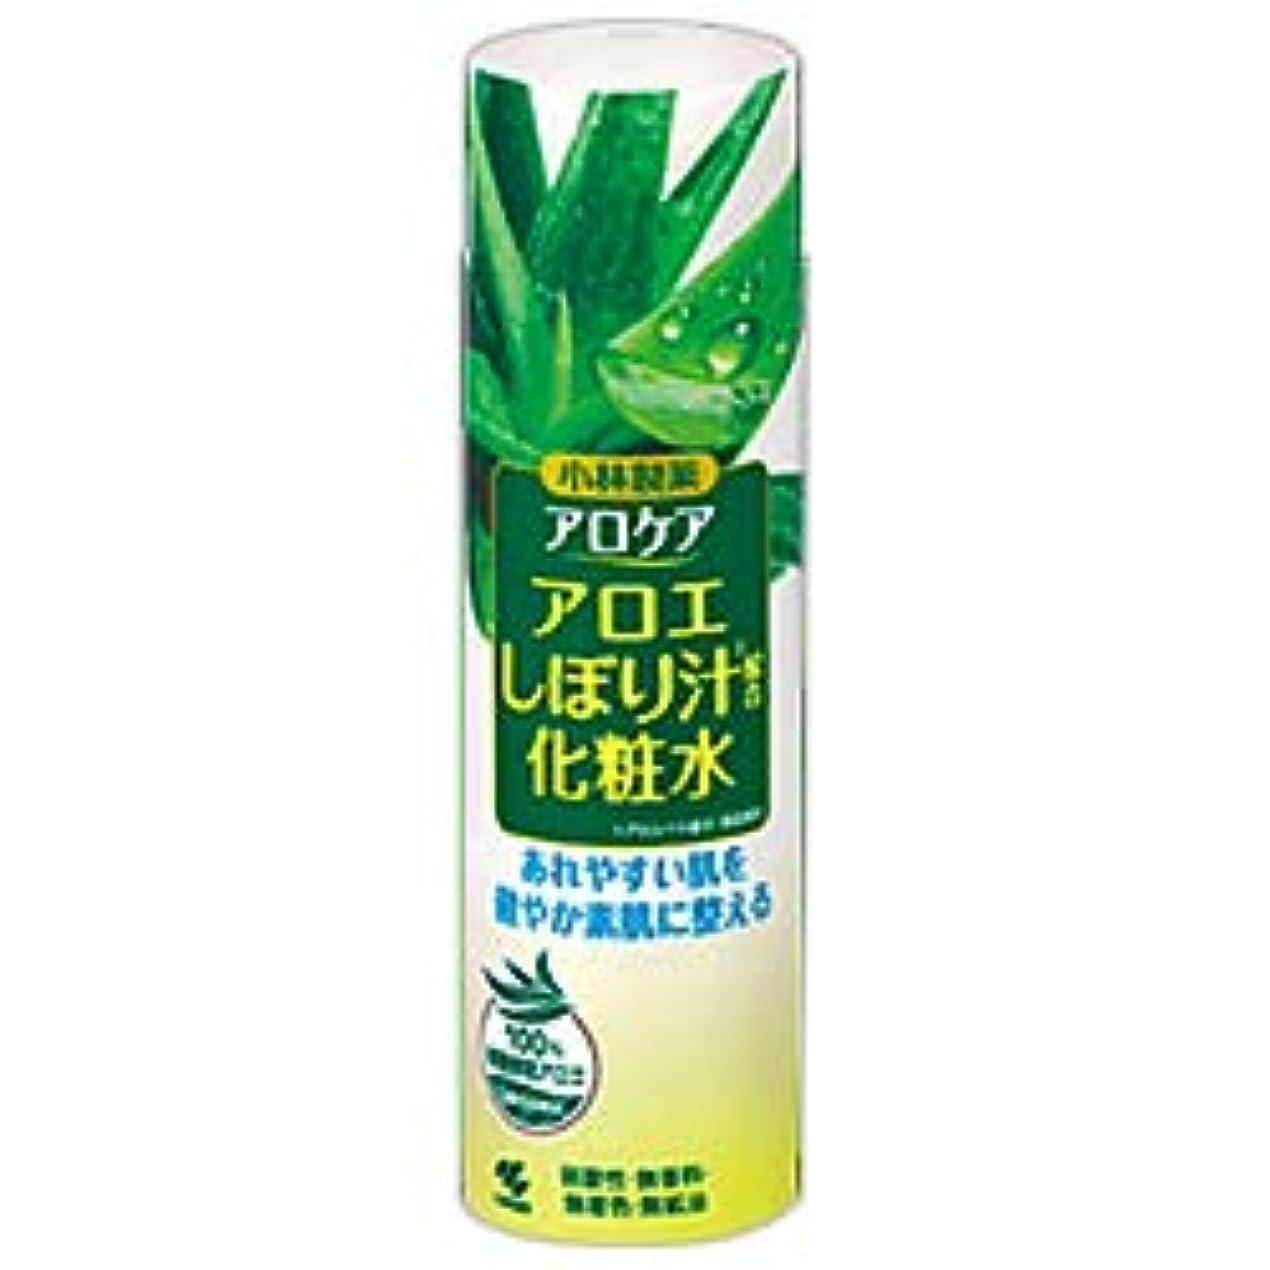 歌水銀のディンカルビルアロケア化粧水 180ml ×4個セット